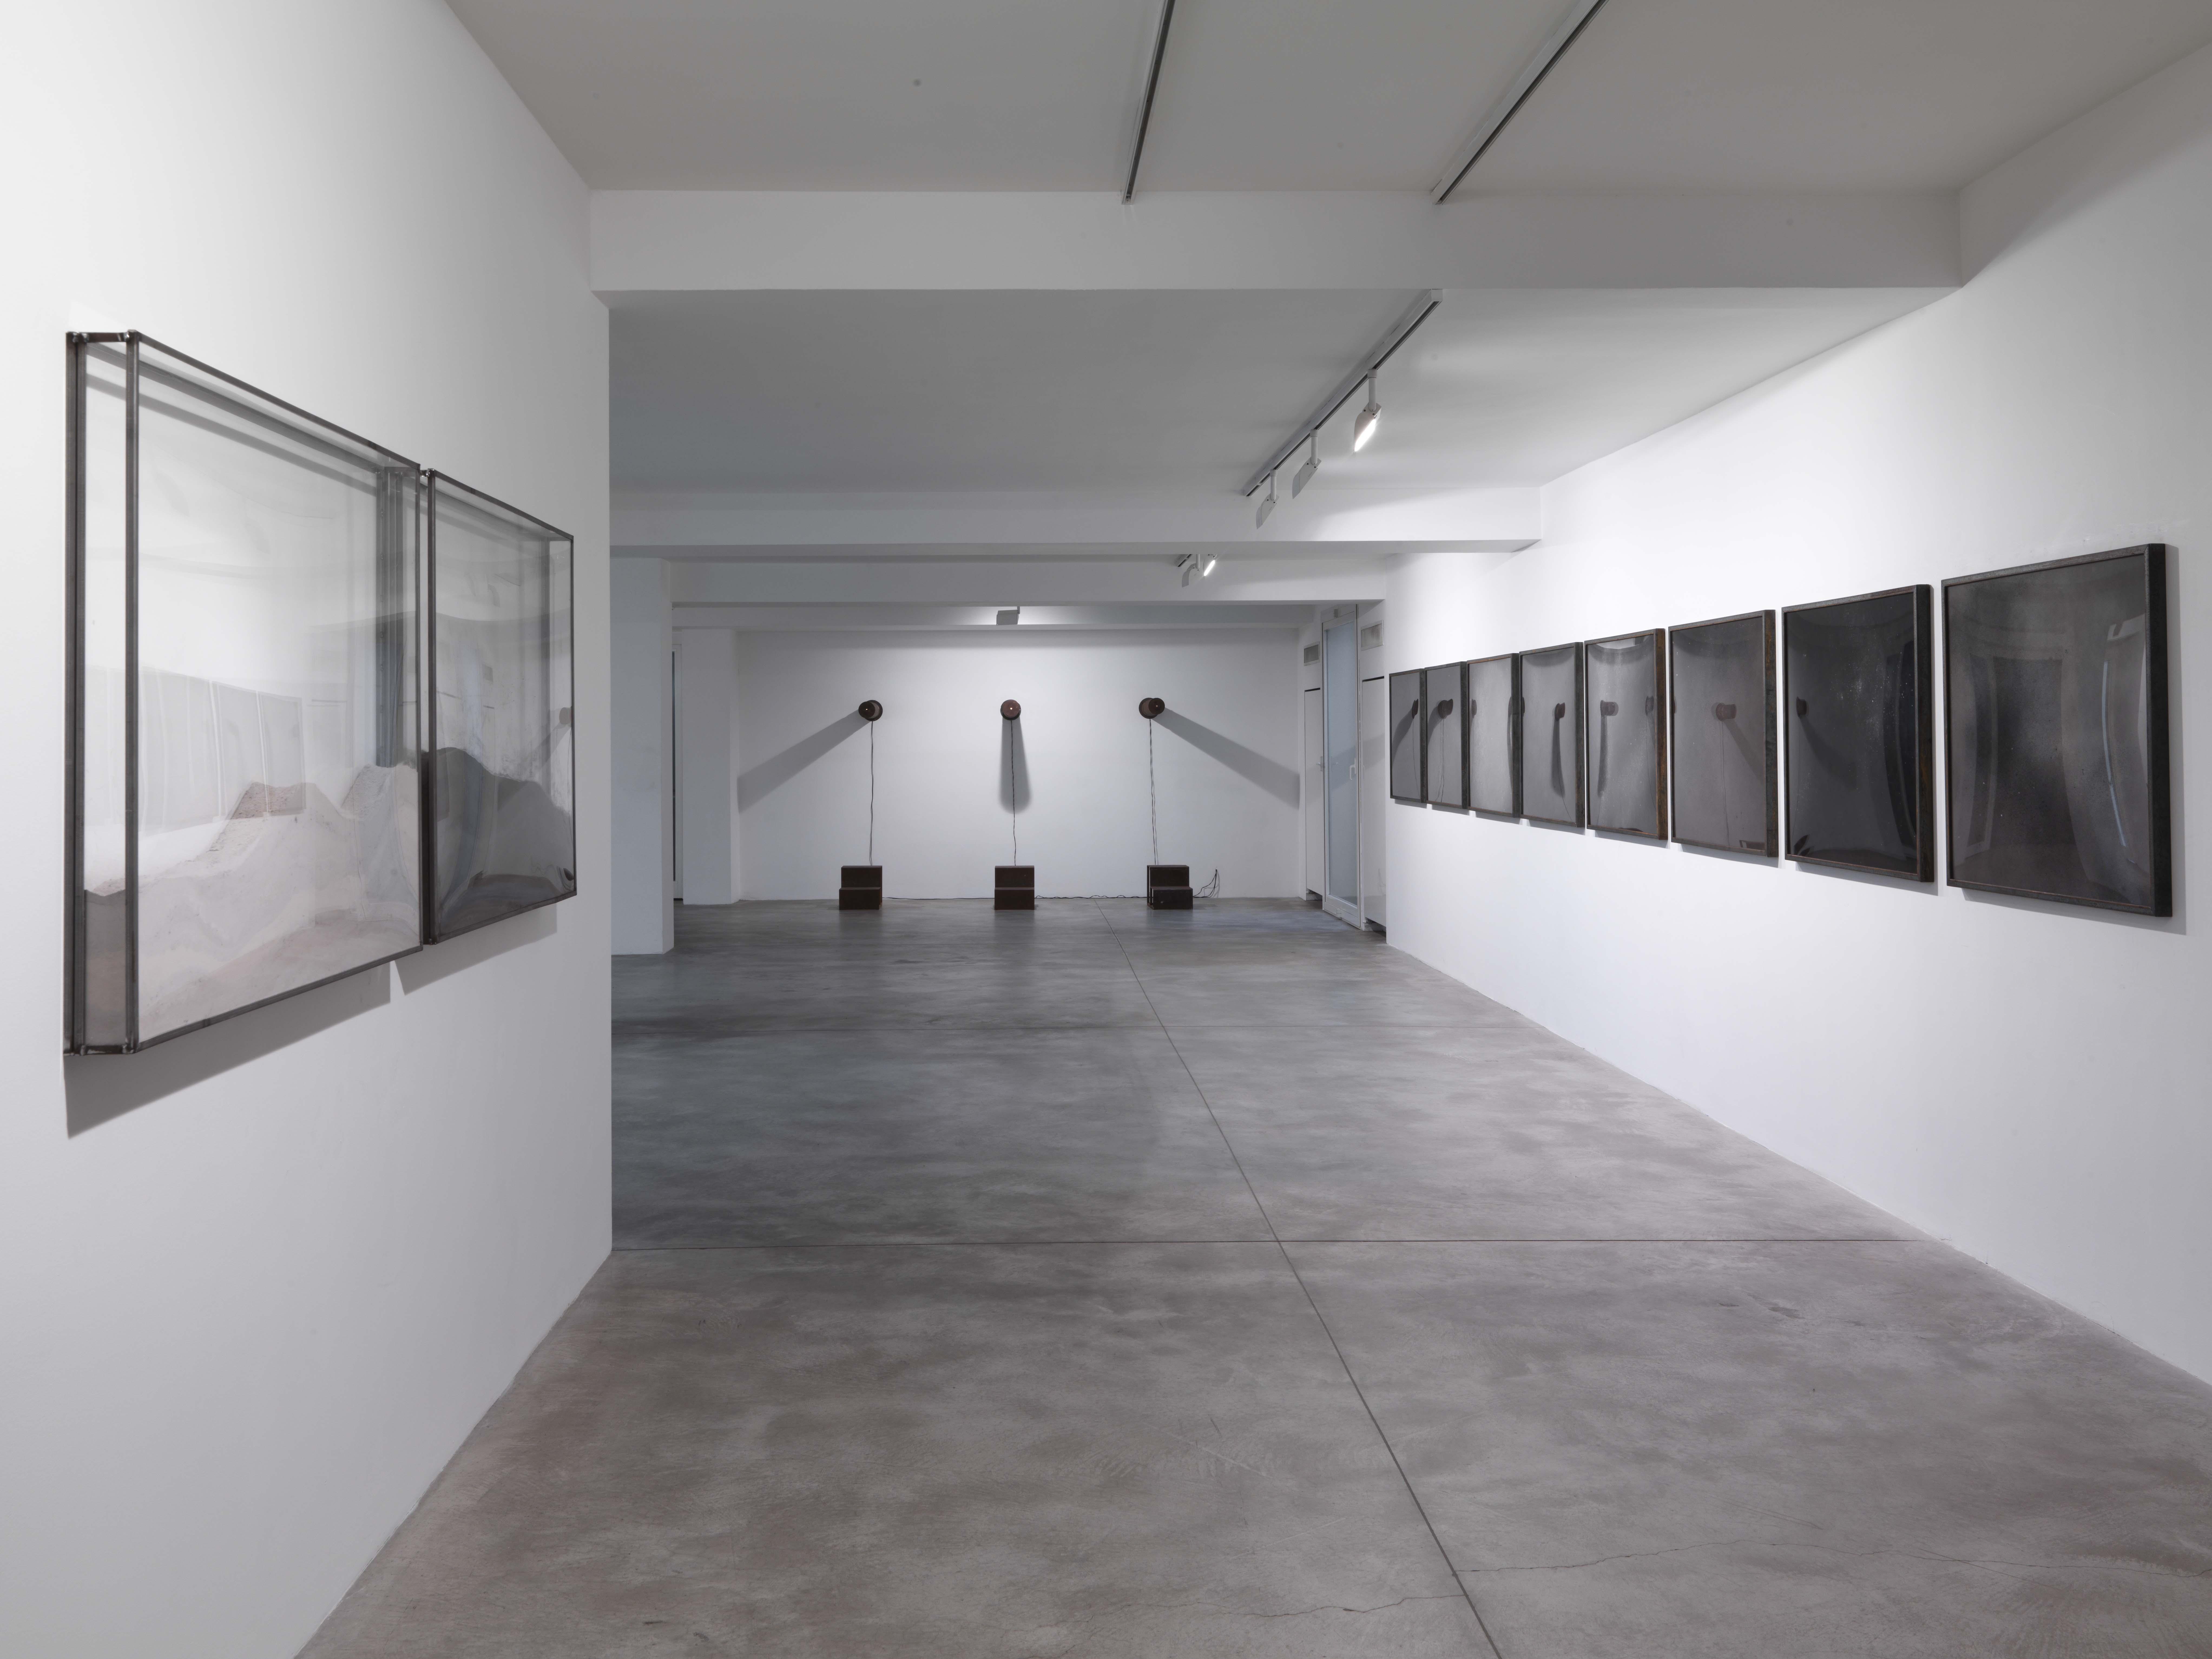 Maria Elisabetta Novello. Liridi, Galleria Fumagalli, Bergamo, 2012. Photo Ezio Manciucca. Courtesy Galleria Fumagalli